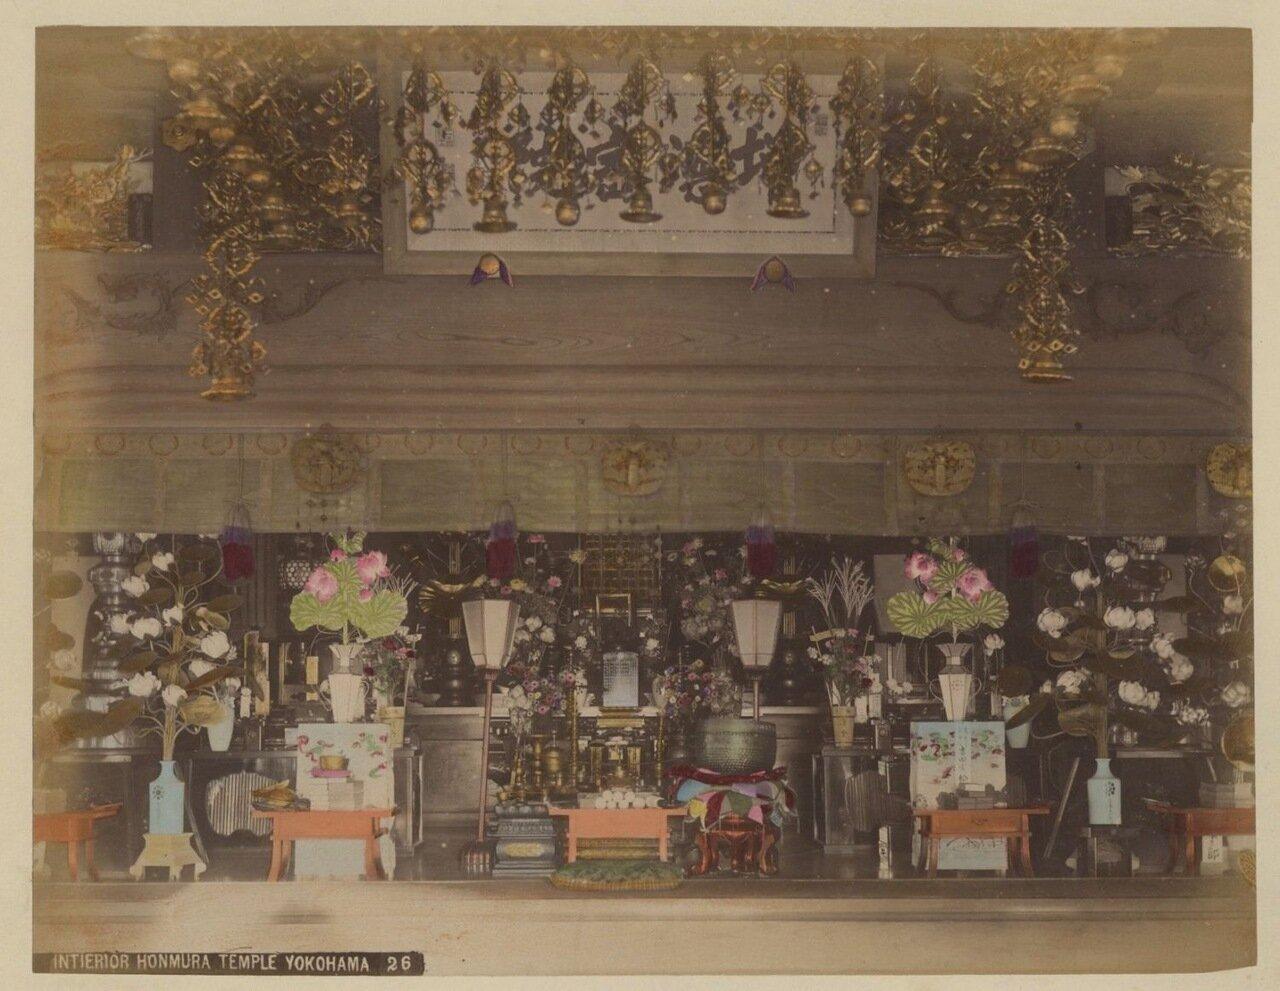 Иокогама, Интерьер храма Хономура